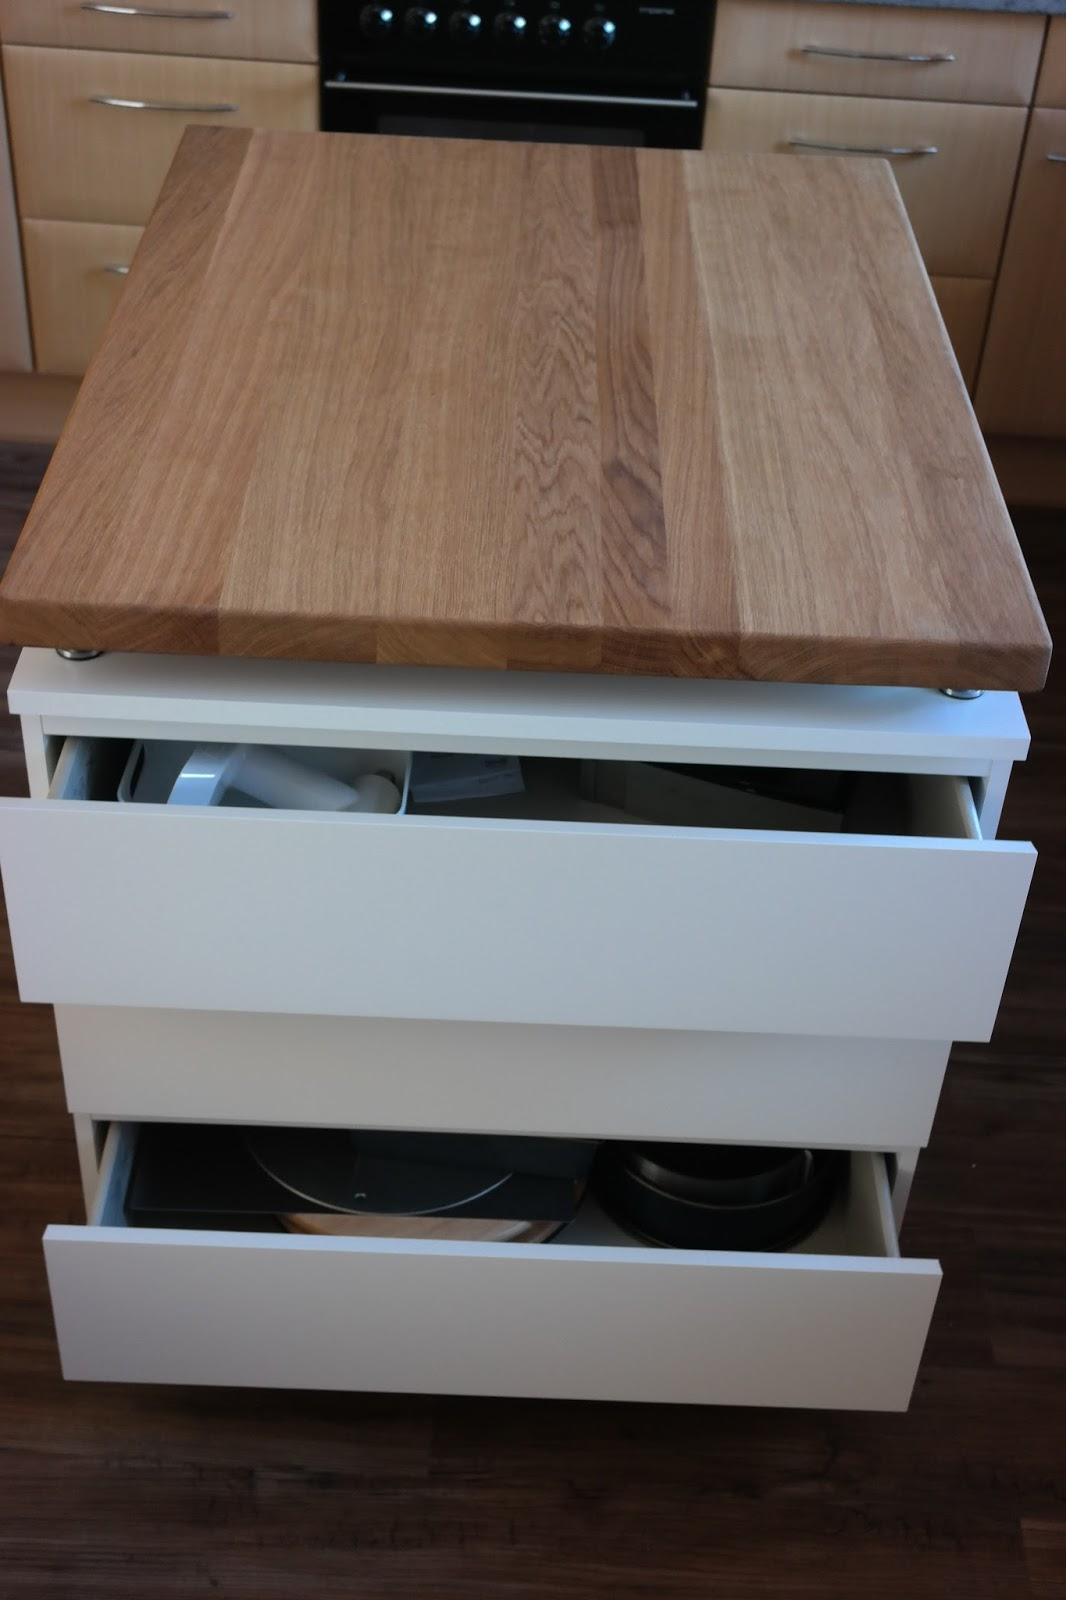 Full Size of Ikea Kcheninsel Diy Miss Zuckerfee Modulküche Küche Kaufen Sofa Mit Schlaffunktion Kosten Miniküche Betten Bei 160x200 Wohnzimmer Kücheninseln Ikea